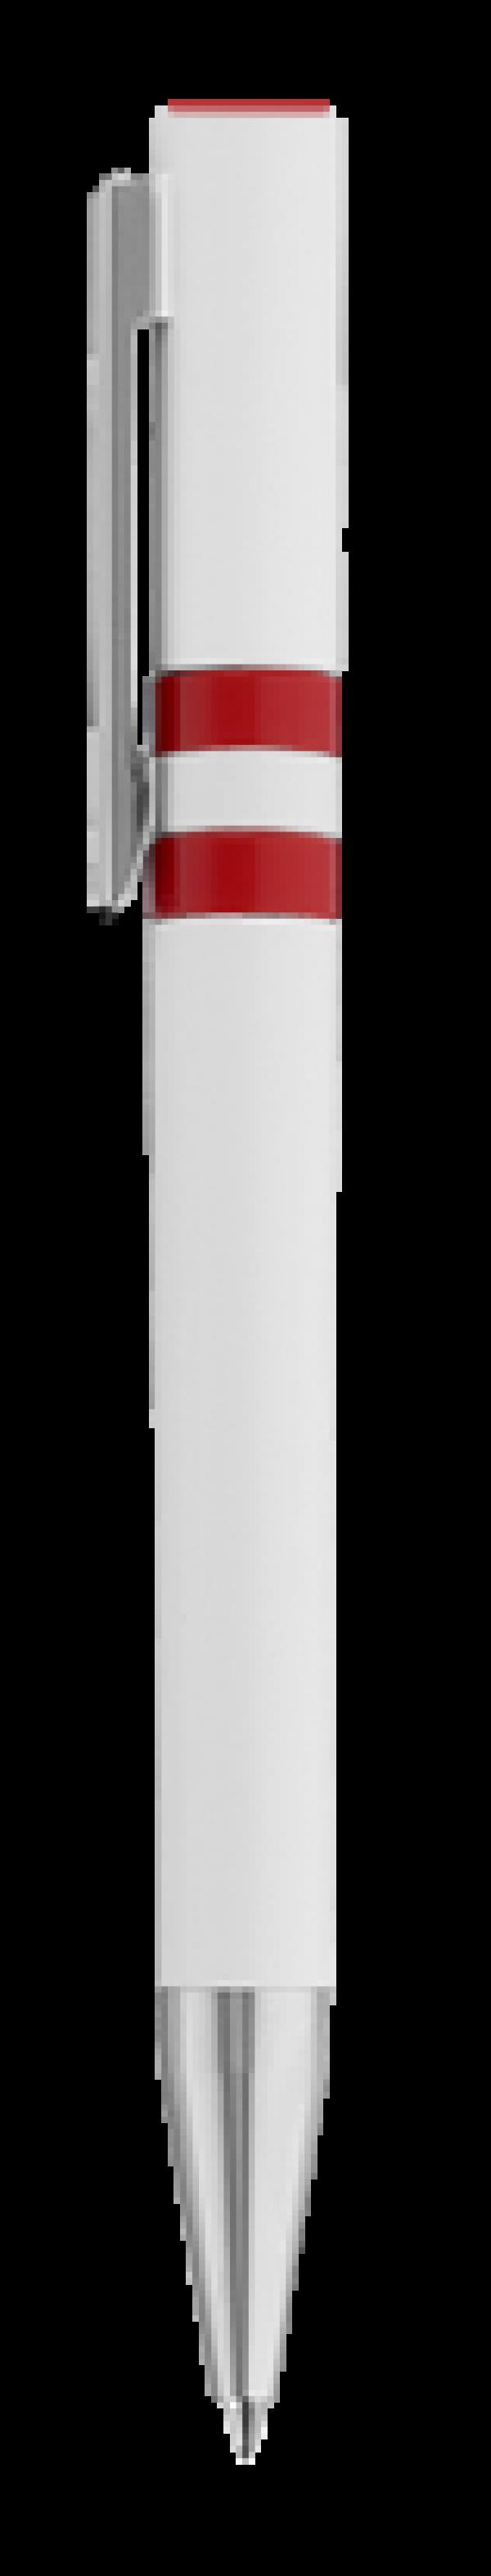 Шариковая ручка rd 0-0045 RINGO